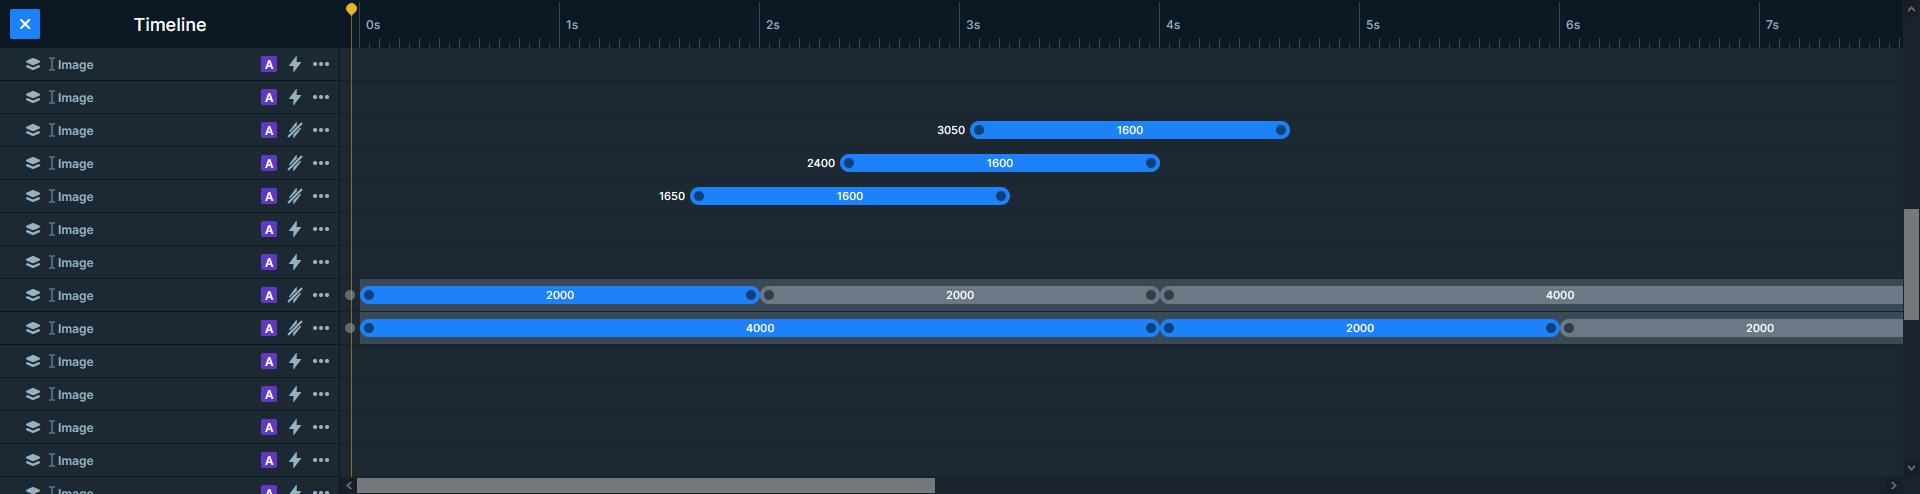 Smart Slider 3 Pro timeline